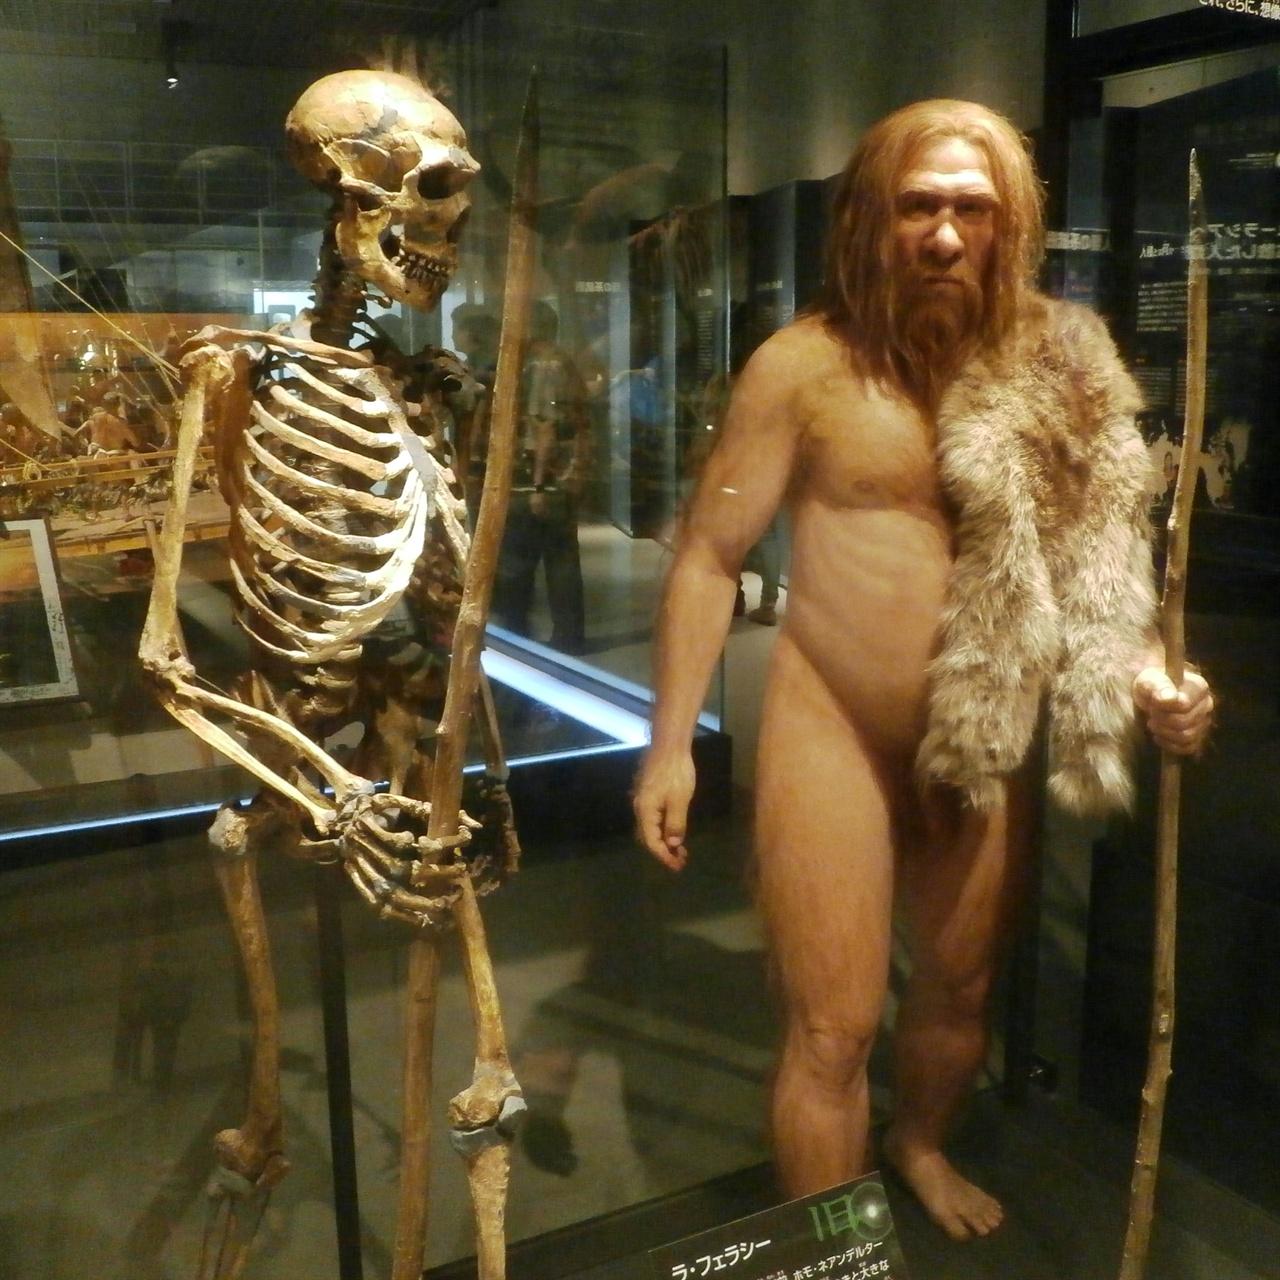 현생인류와 수만 년 동안 공존했던 네안데르탈인의 골격과 복원 모형. 이들은 현생 인류와 달리 대뇌 전두엽 부분의 돌연변이 등을 거치지 않아, 언어 구사의 고도화를 이루지 못했던 것으로 추정된다.